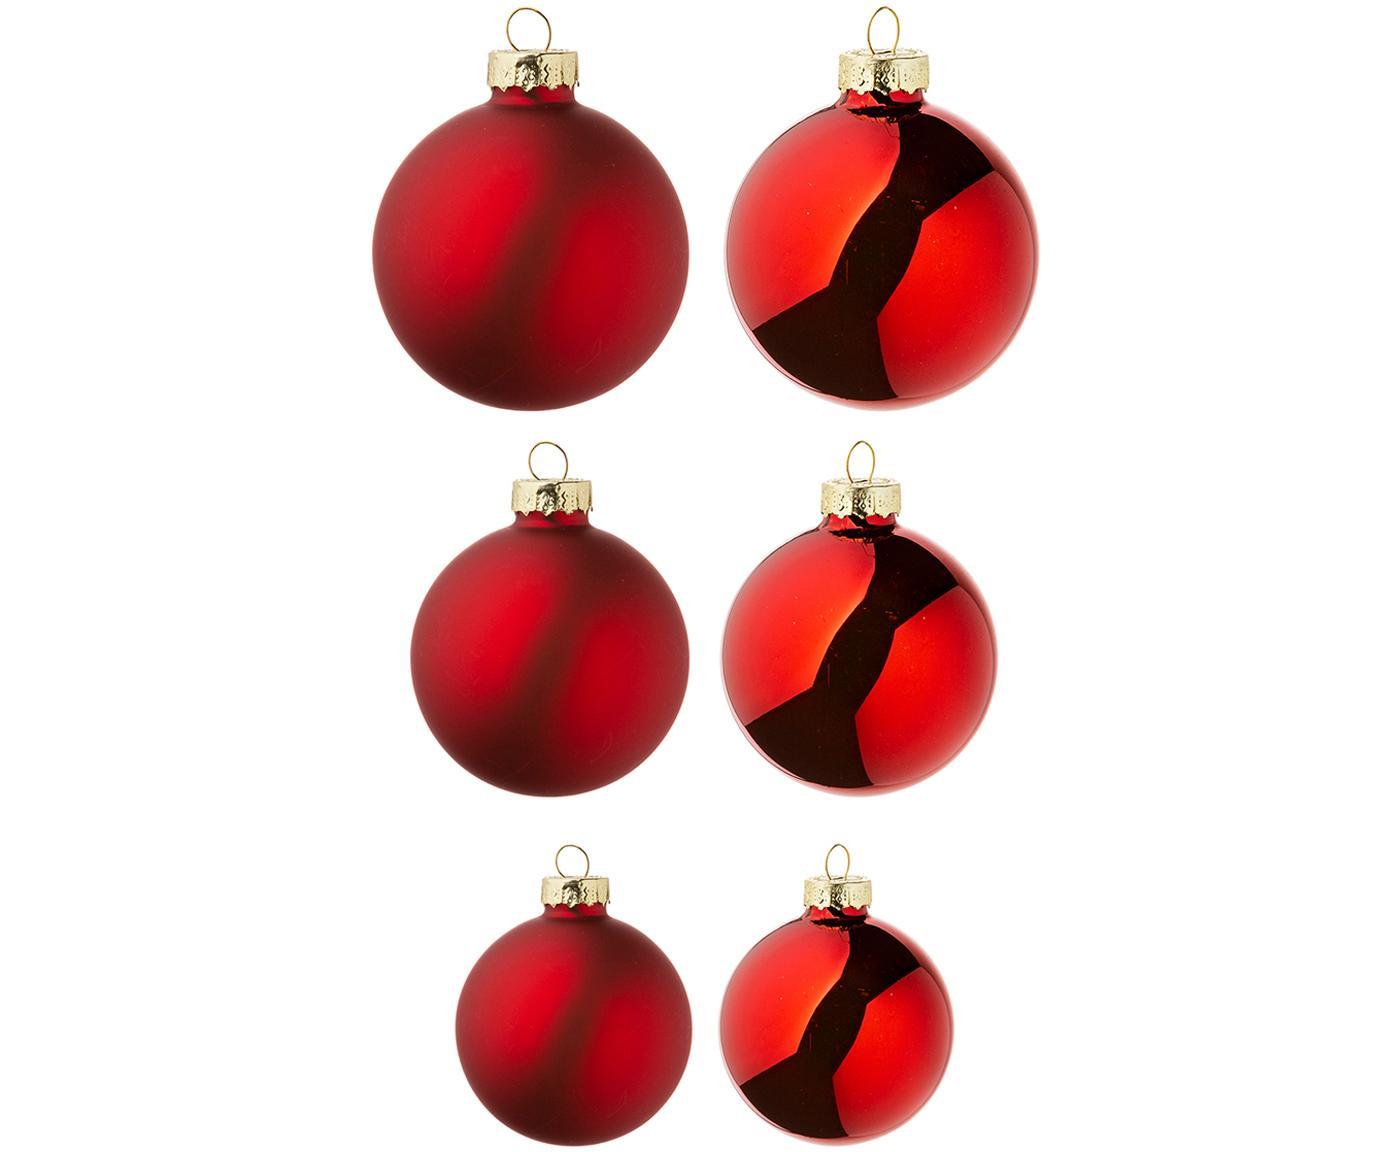 Weihnachtskugel-Set Nessa, 26-tlg., Glas, rot, Verschiedene Grössen